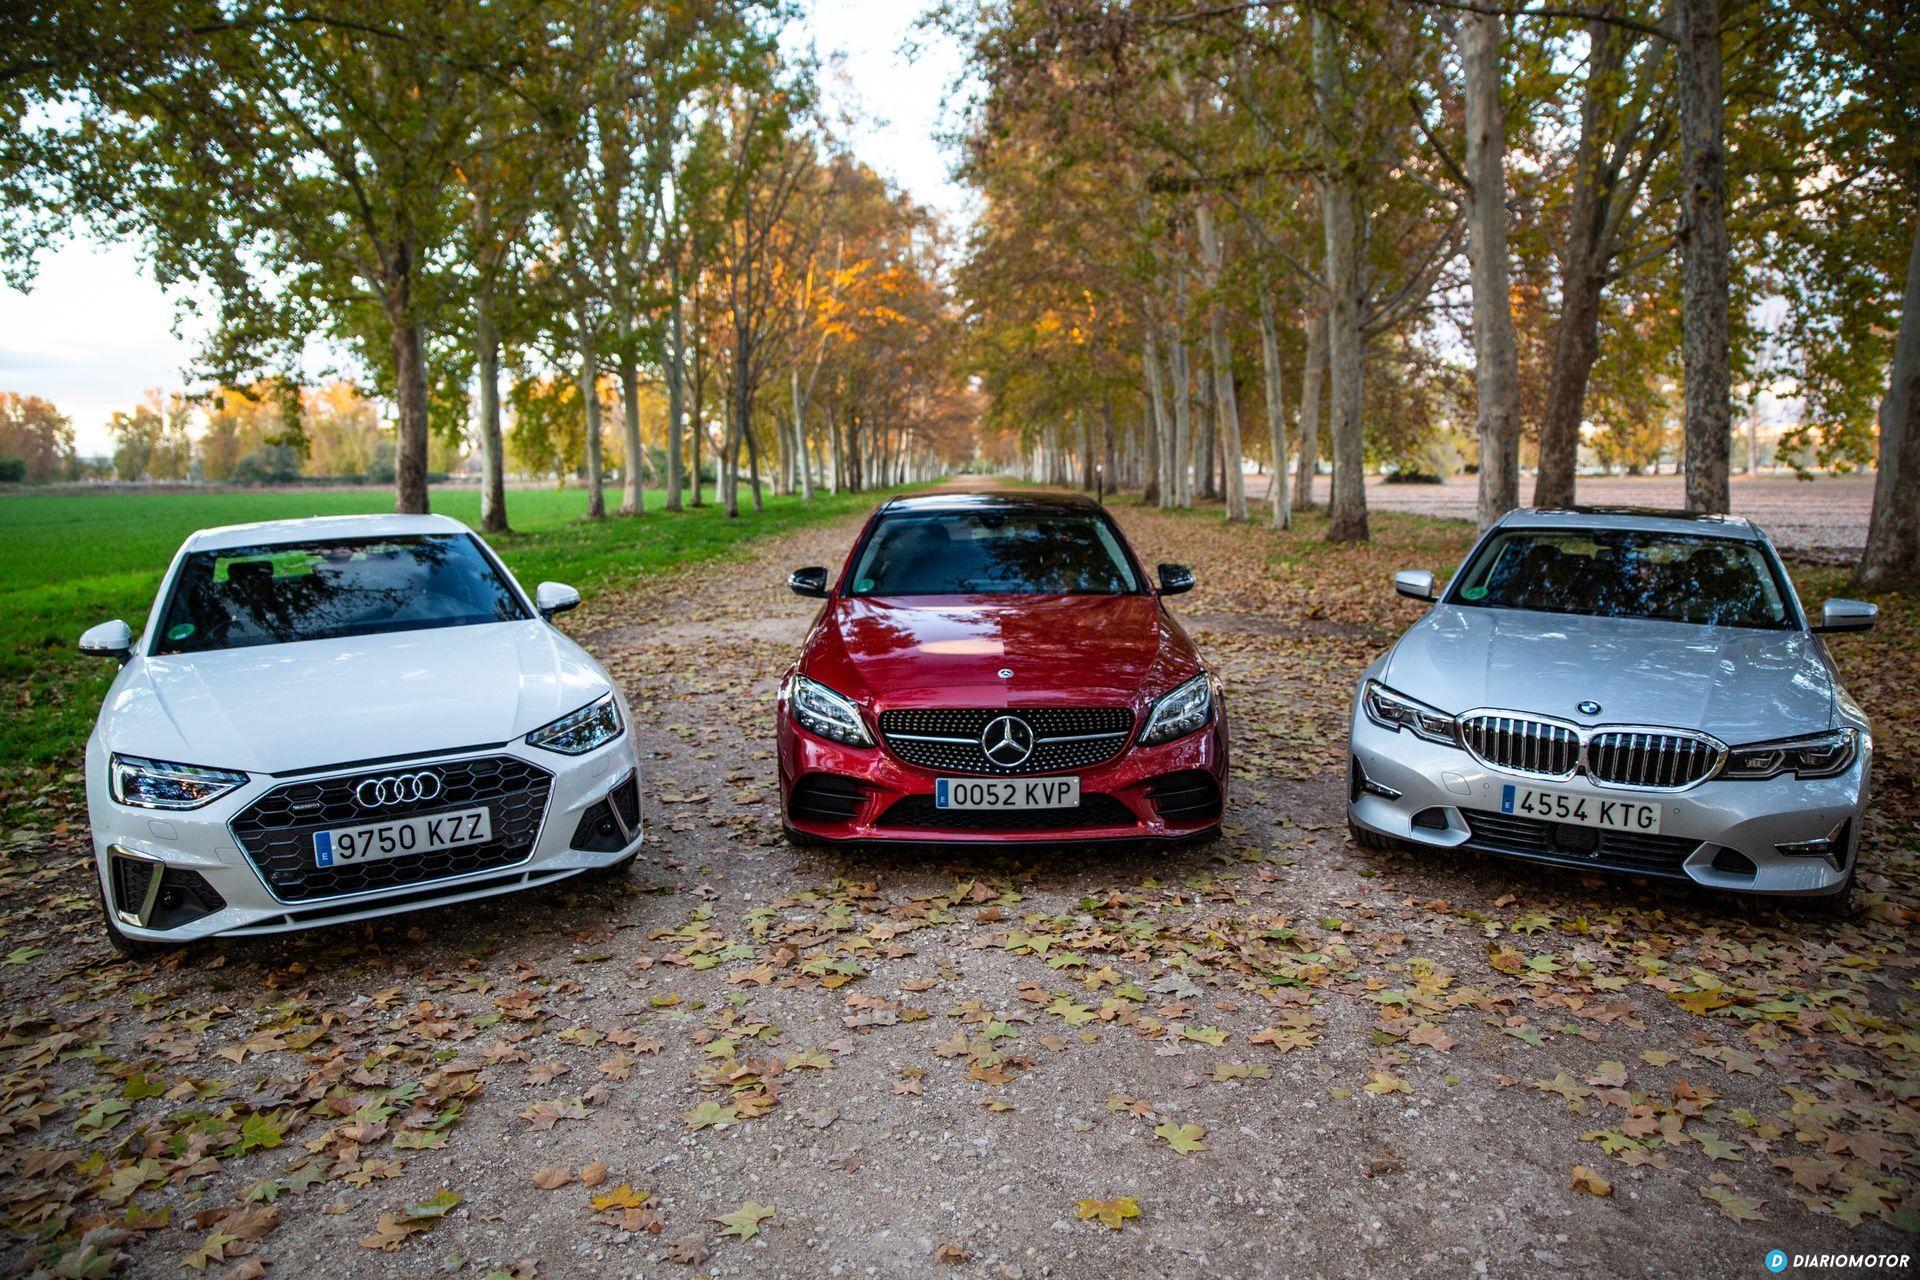 Bmw Serie 3 Vs Audi A4 Vs Mercedes Clase C 3